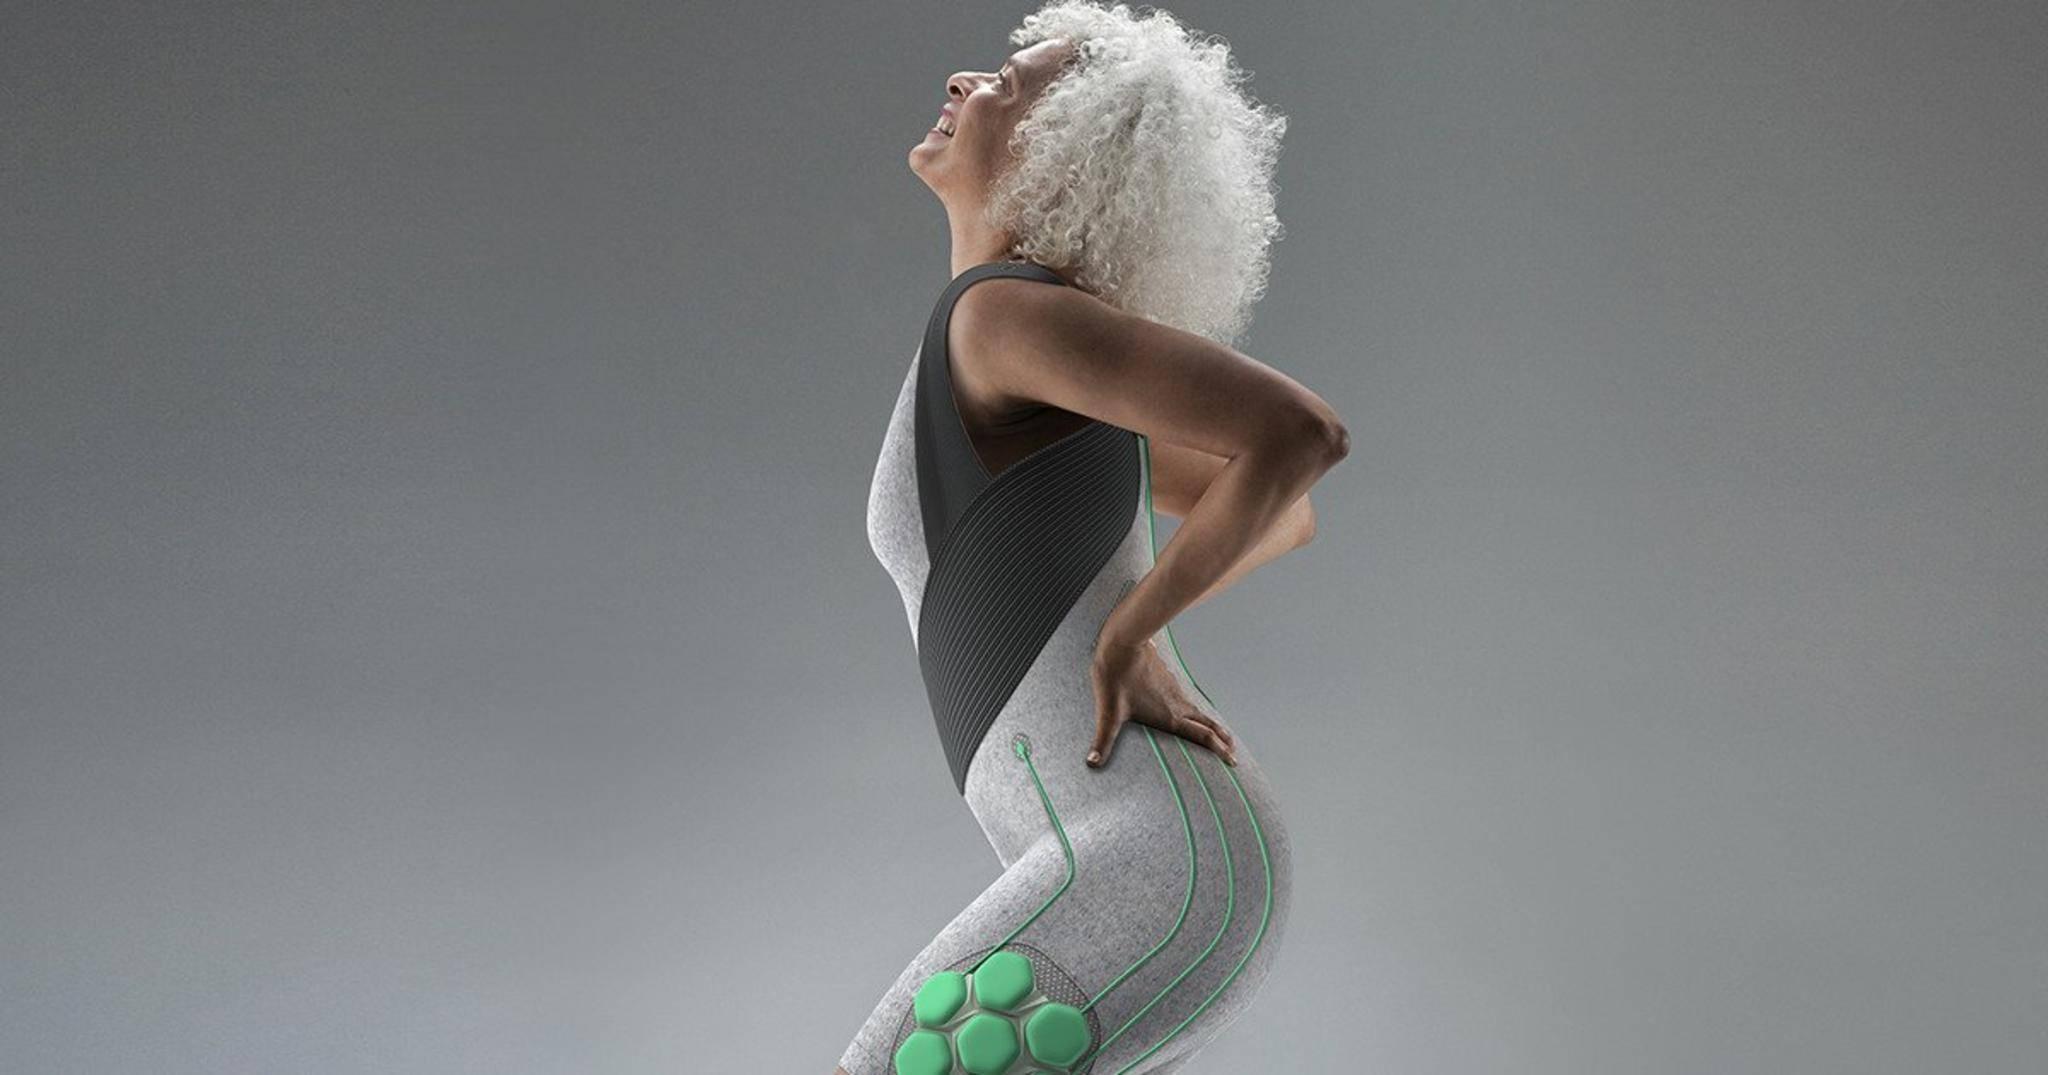 Das Exoskelett von Superflex packt seine künstlichen Muskeln in einen stylishen Bodysuit.